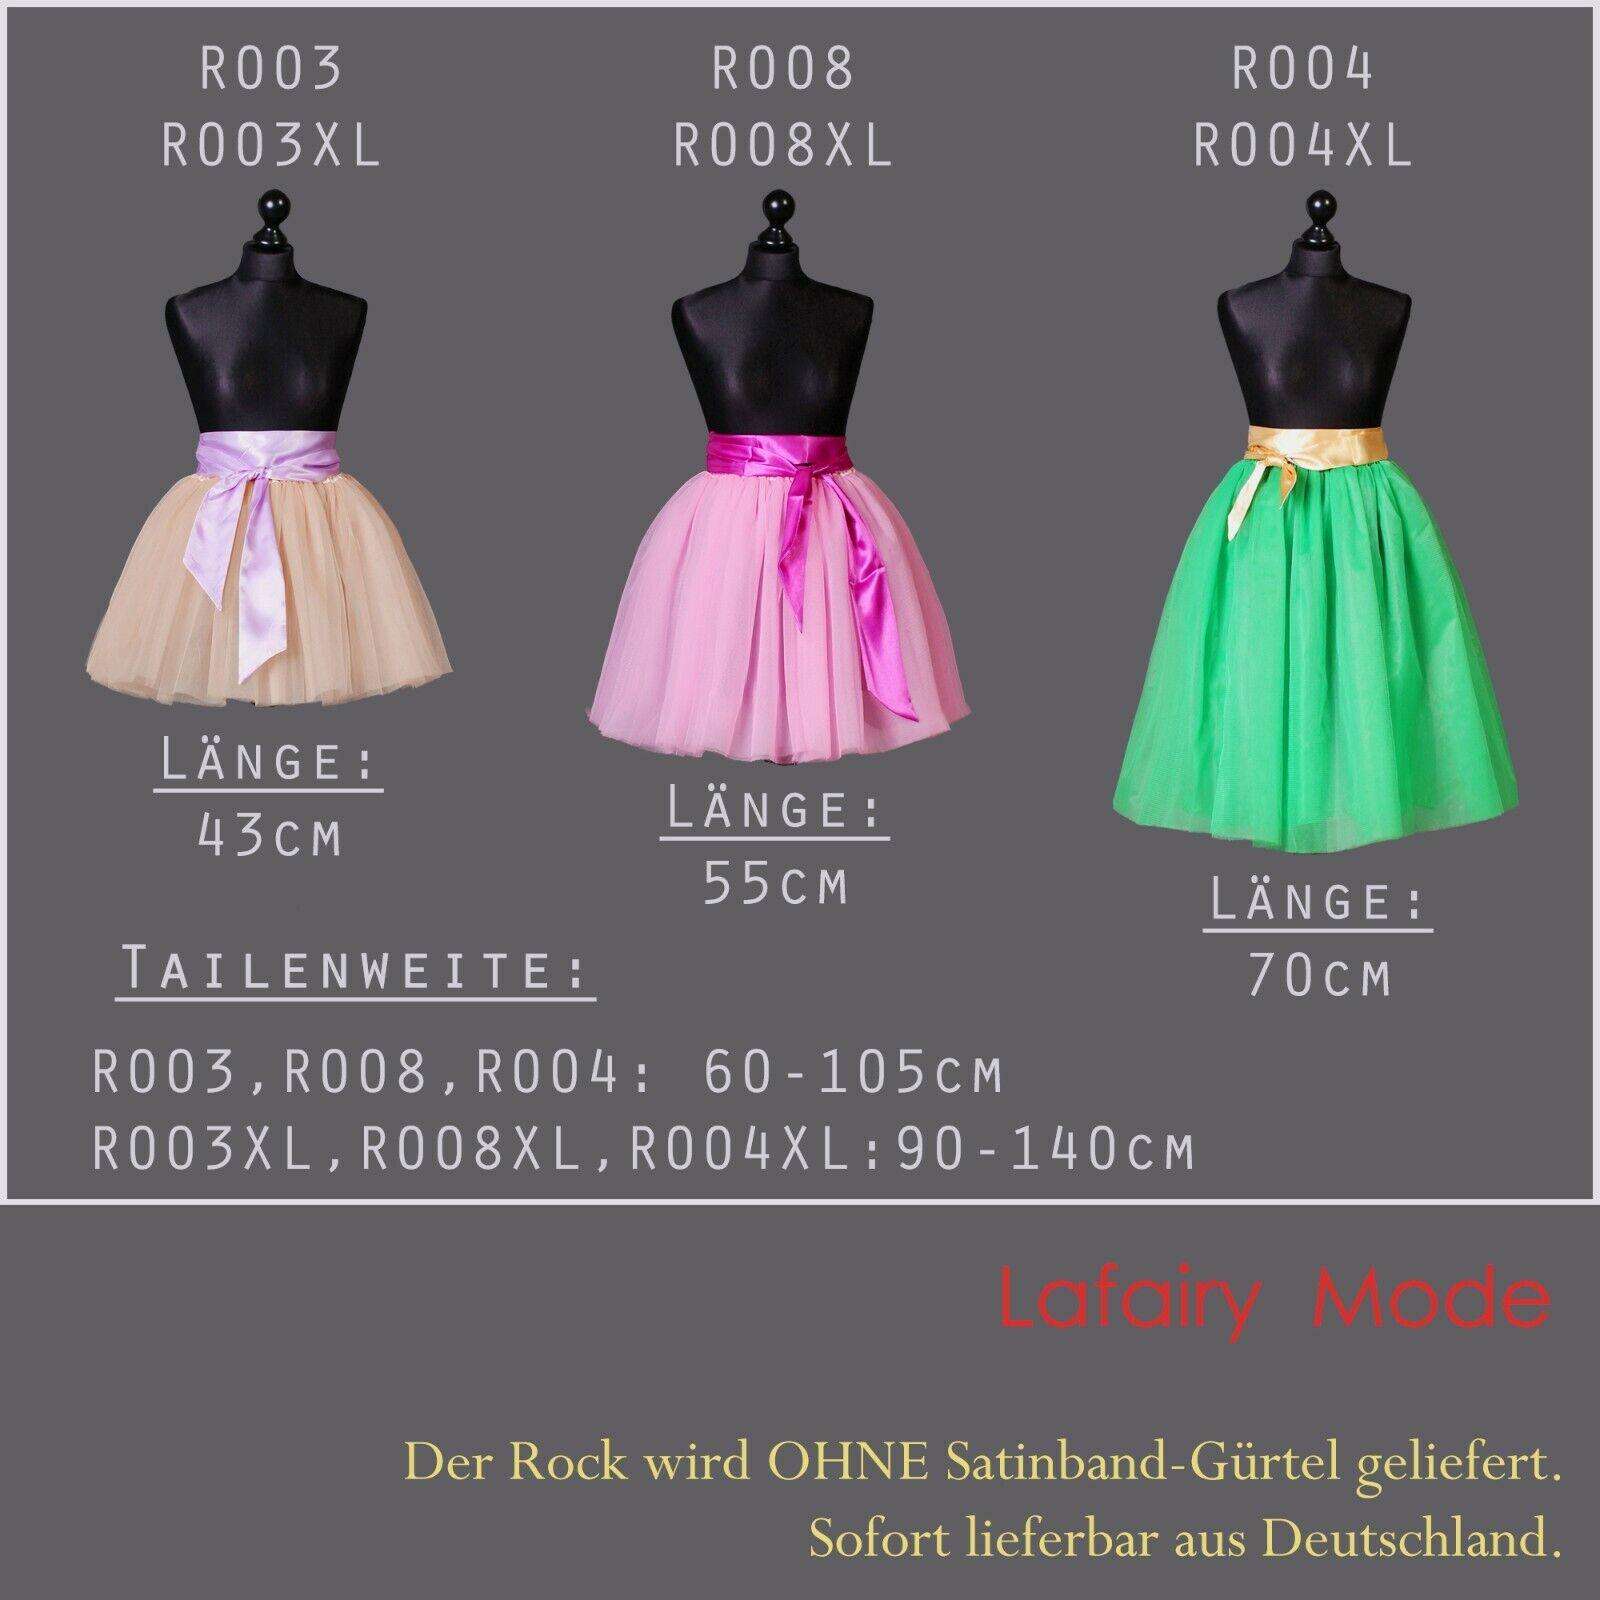 5 Lagen 43cm Tütü Ballettrock Tüllrock Petticoat Tanzrock Karneval 20LF